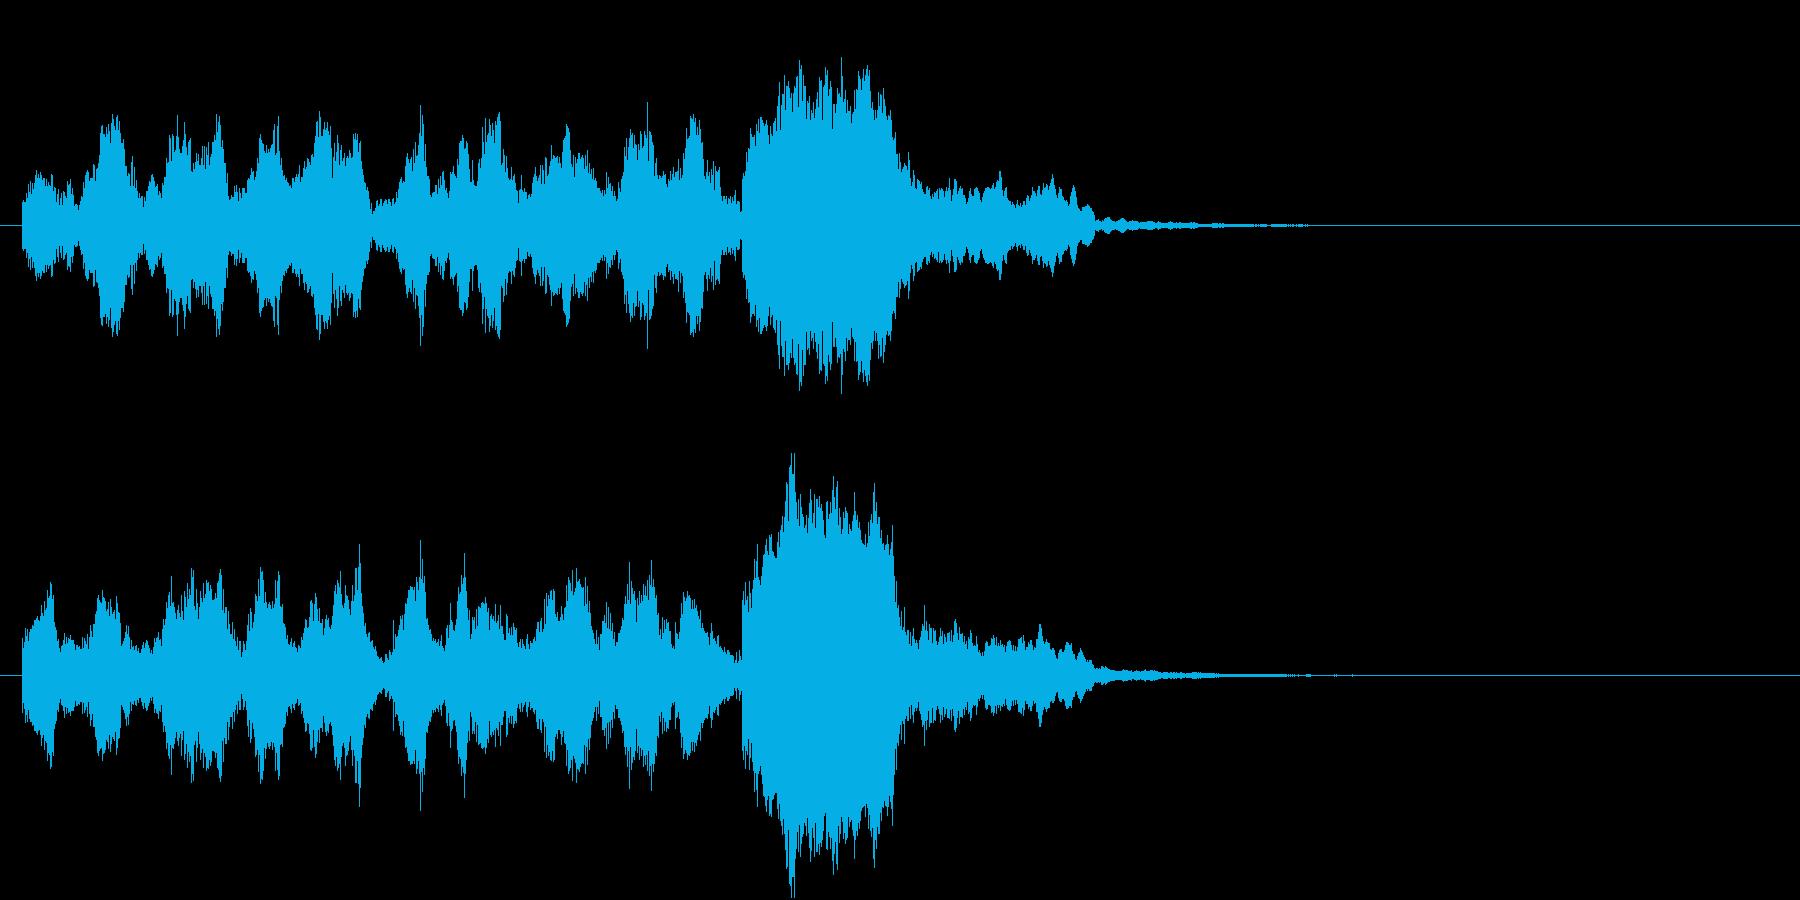 アイテム獲得・出現(優雅な効果音)の再生済みの波形